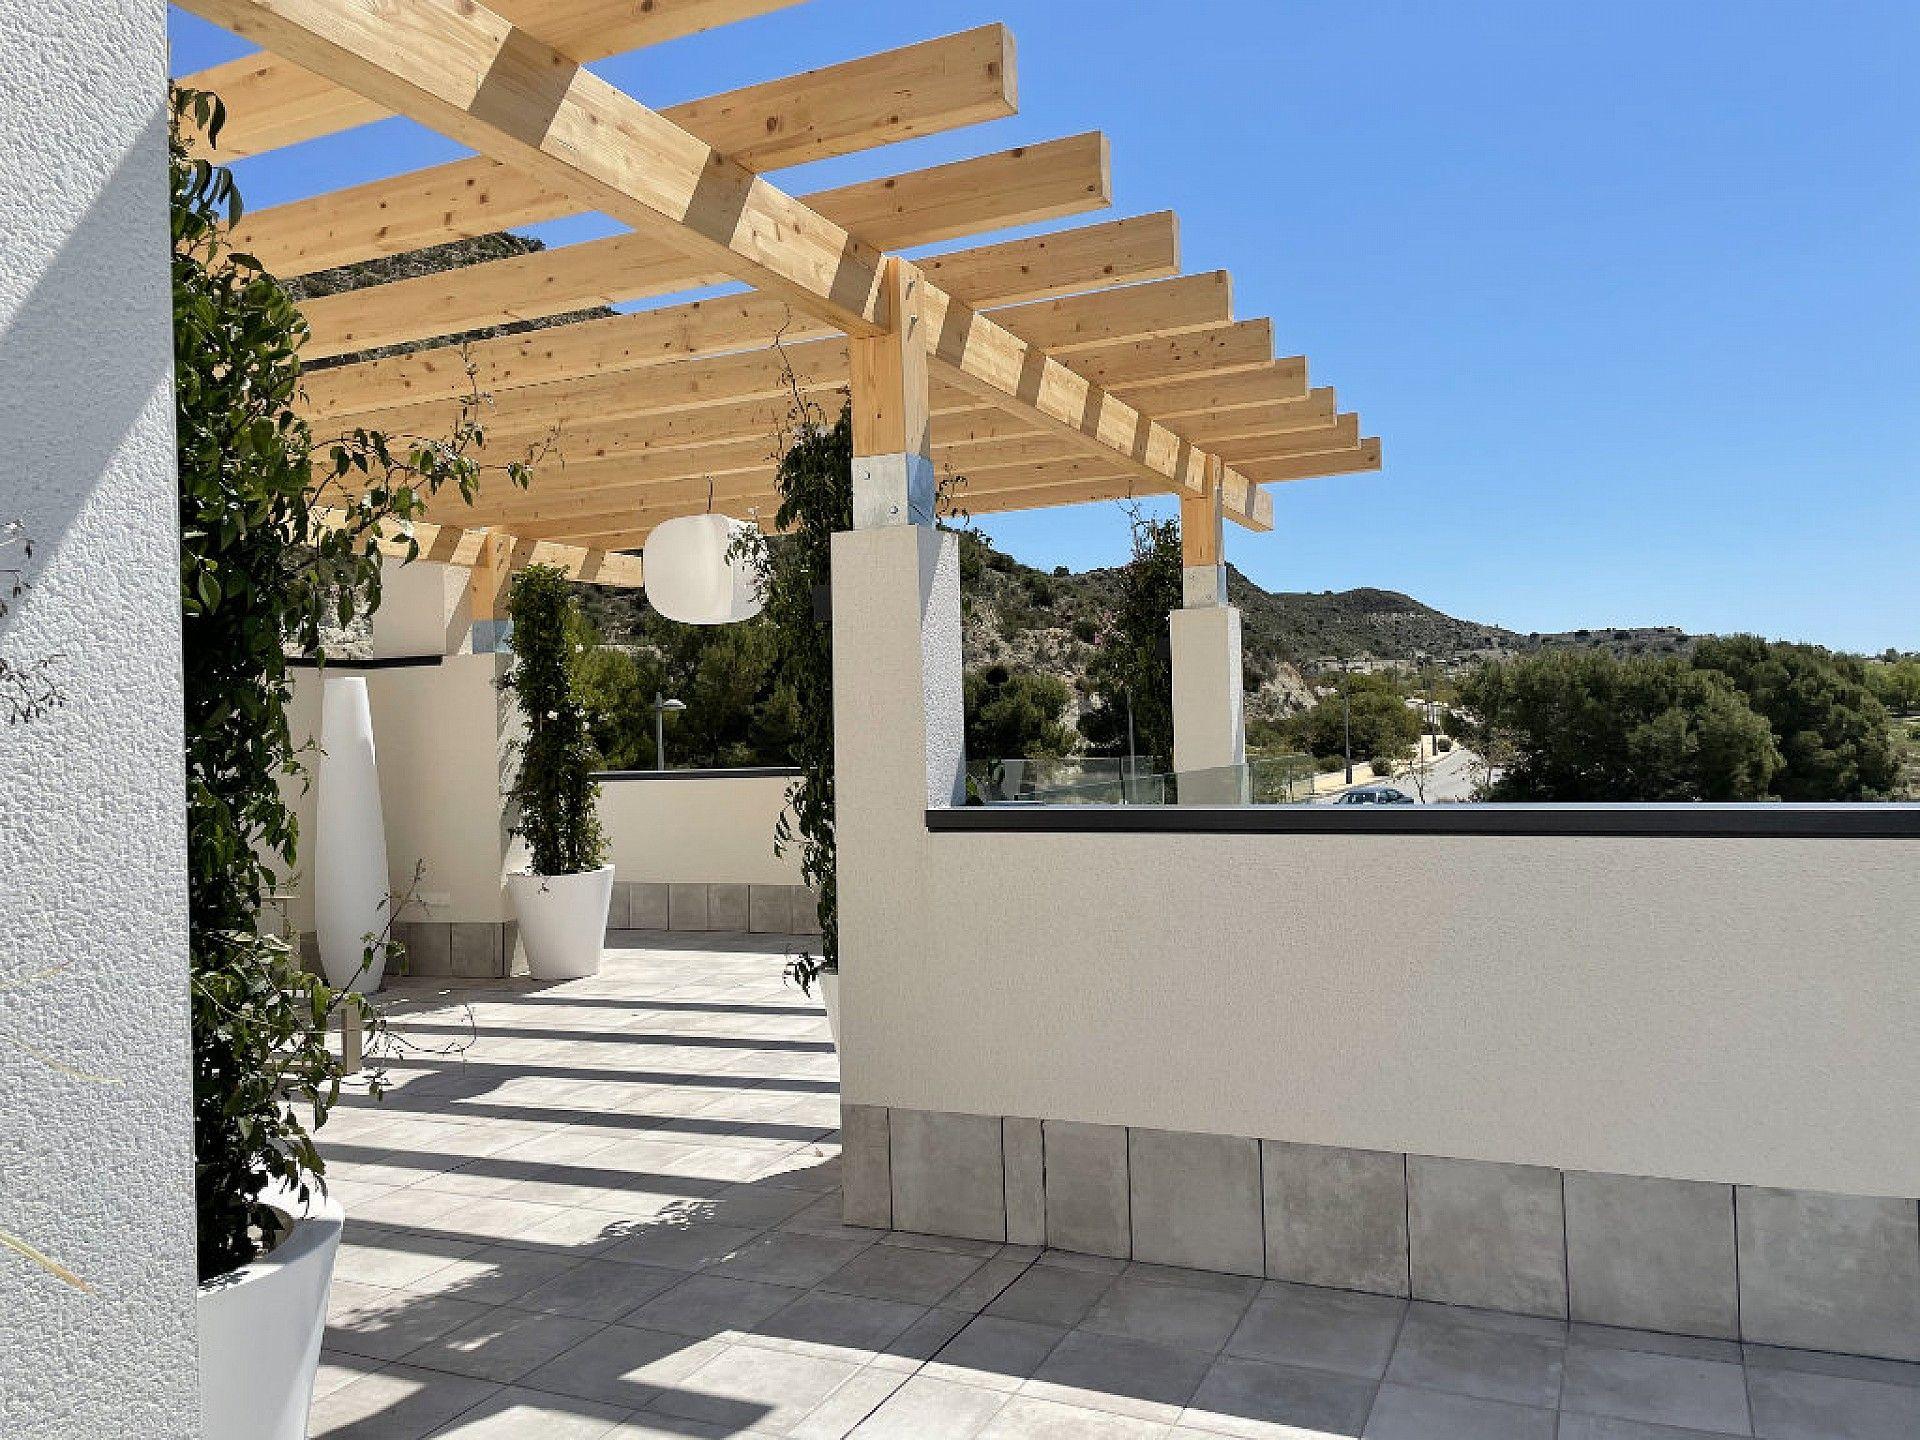 w_nieuwbouw-appartement-te-koop-golf-alicante-montforte-costa-blanca-spanje-golfview-024.jpg